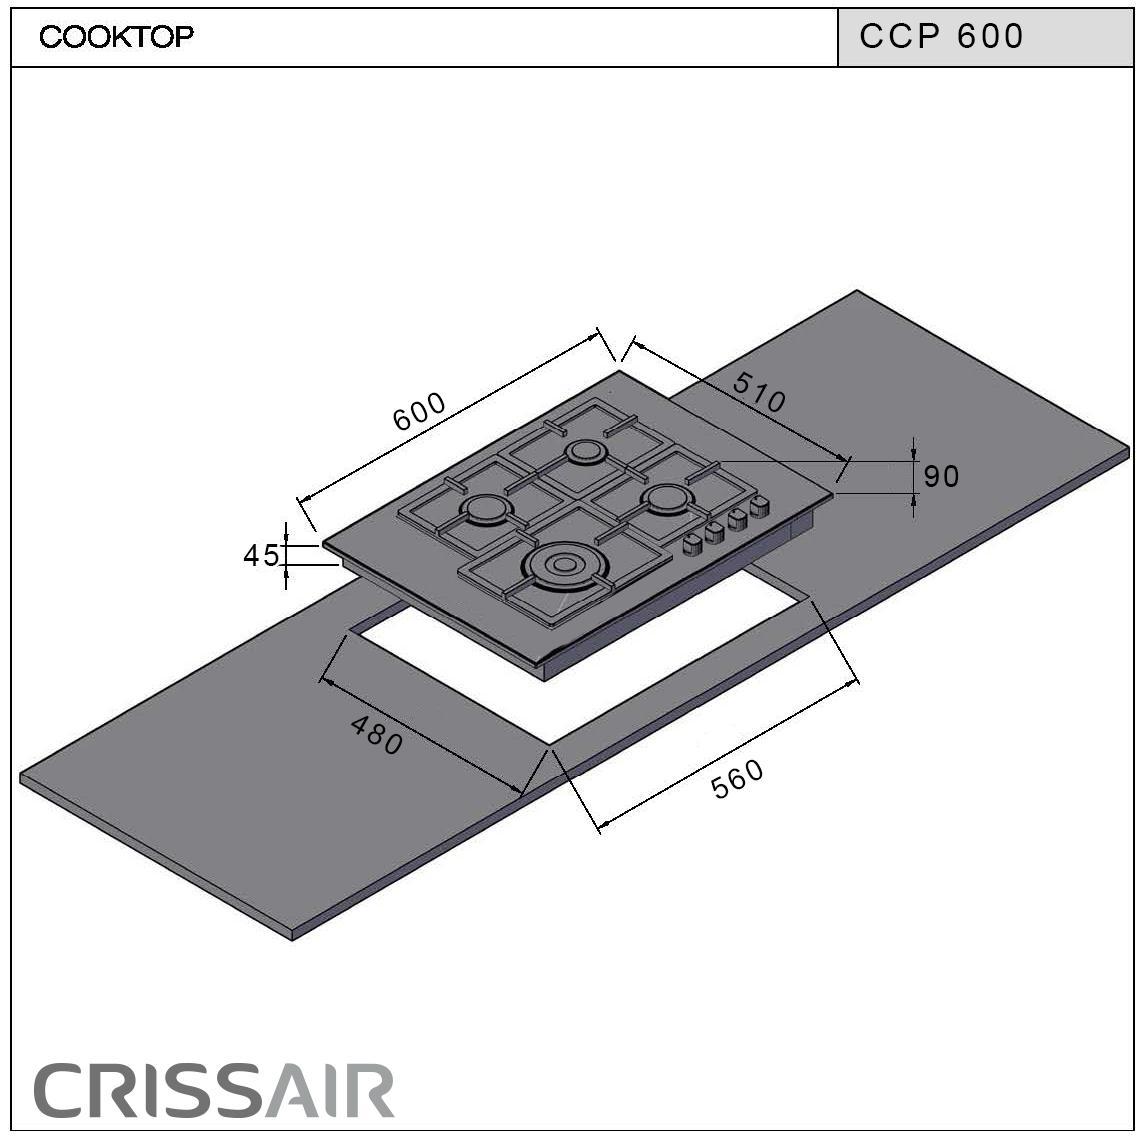 Cooktop a Gás CCP 600